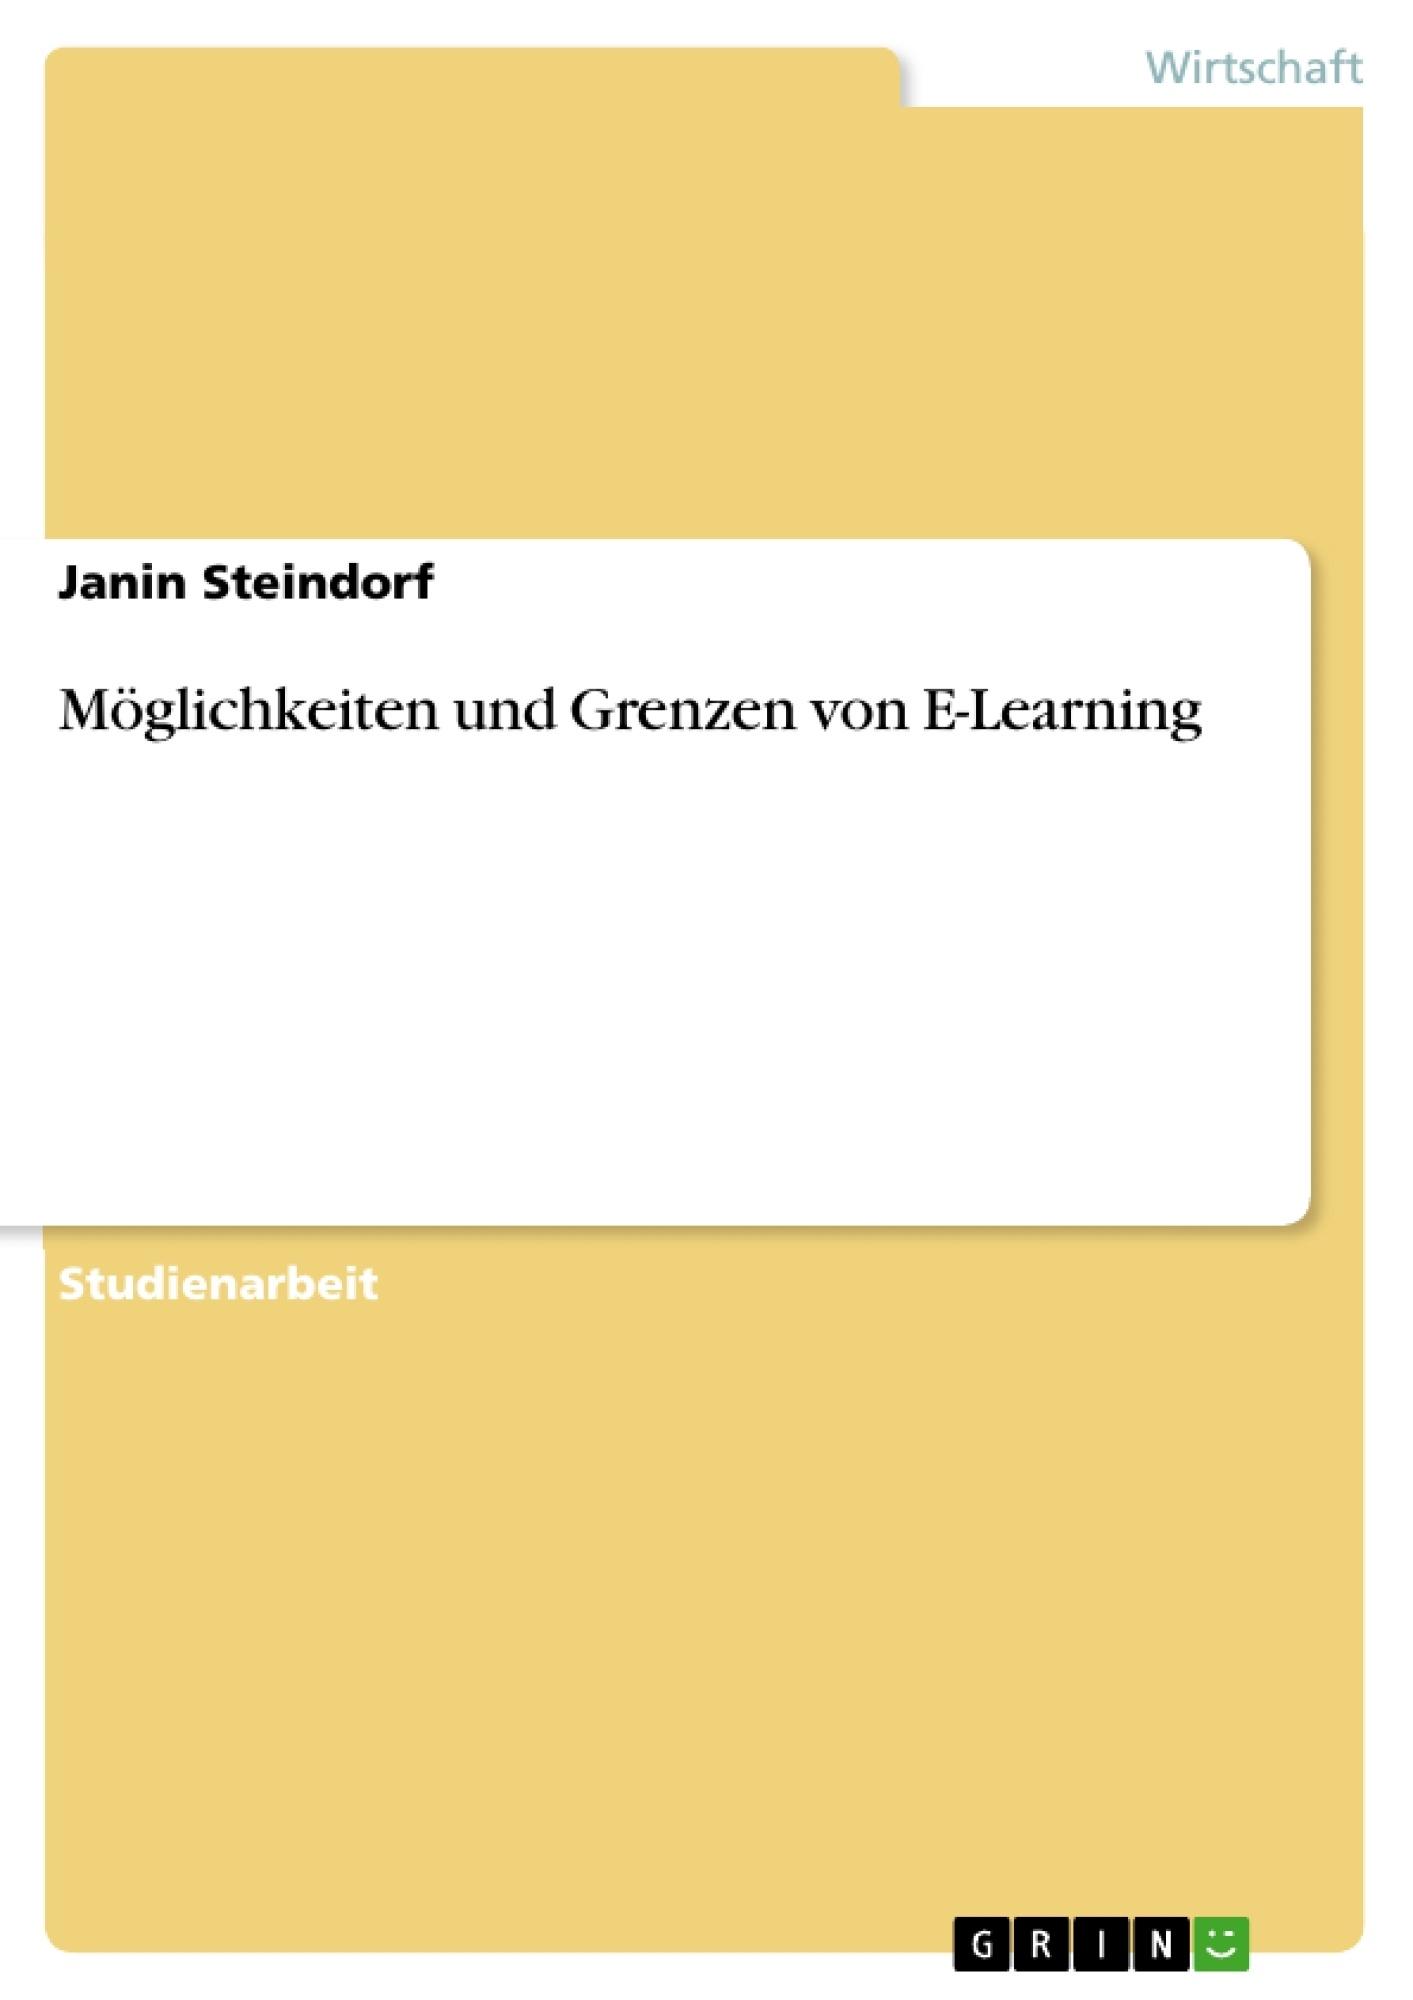 Titel: Möglichkeiten und Grenzen von E-Learning